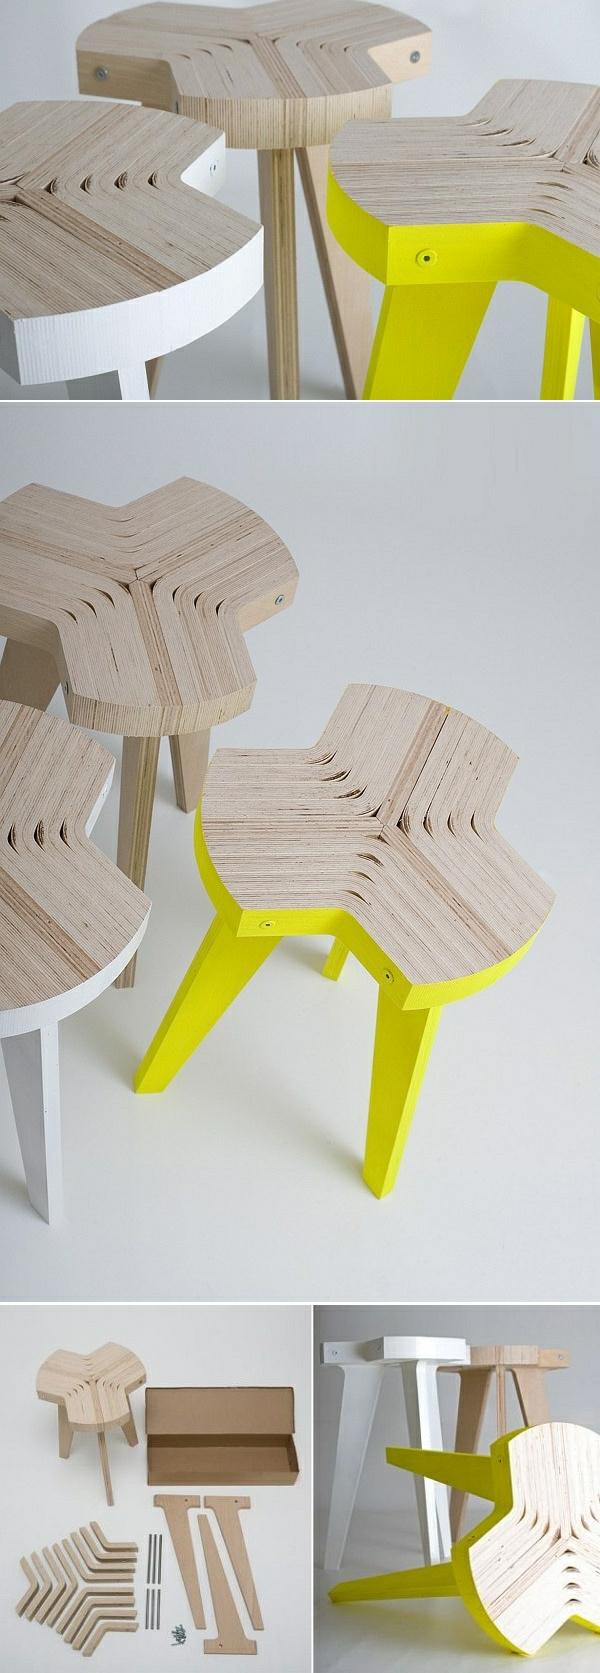 Holzhocker-mit-gestreichten-Beinen-in-Weiß-und-GElb